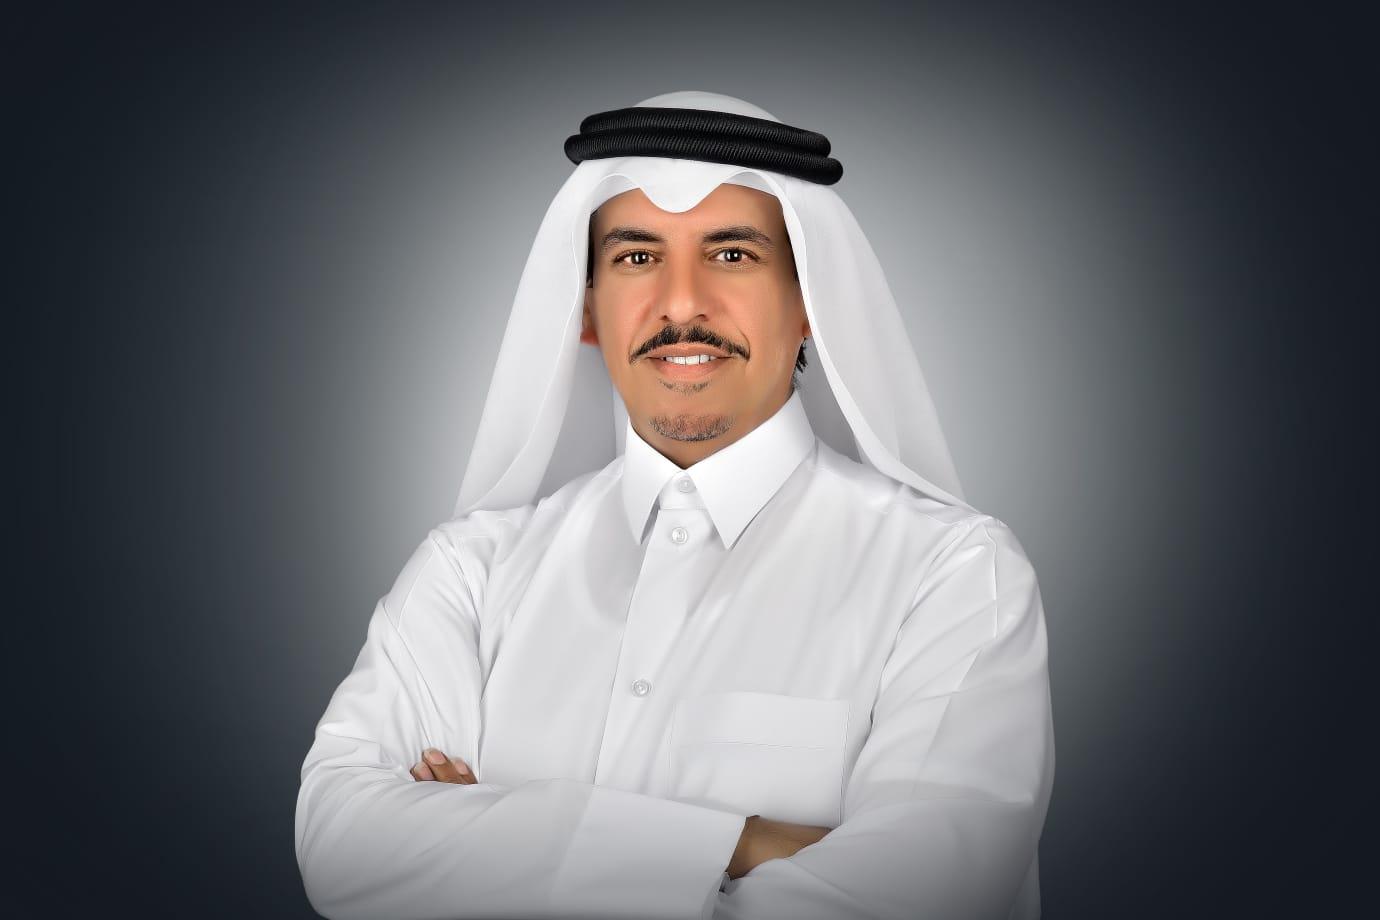 المهندس خالد النصر – رئيس مجلس إدارة جمعية المهندسين القطرية: إن خدمة حافلات النقل العام بحاجة لاستراتيجية عاجلة لتطويرها